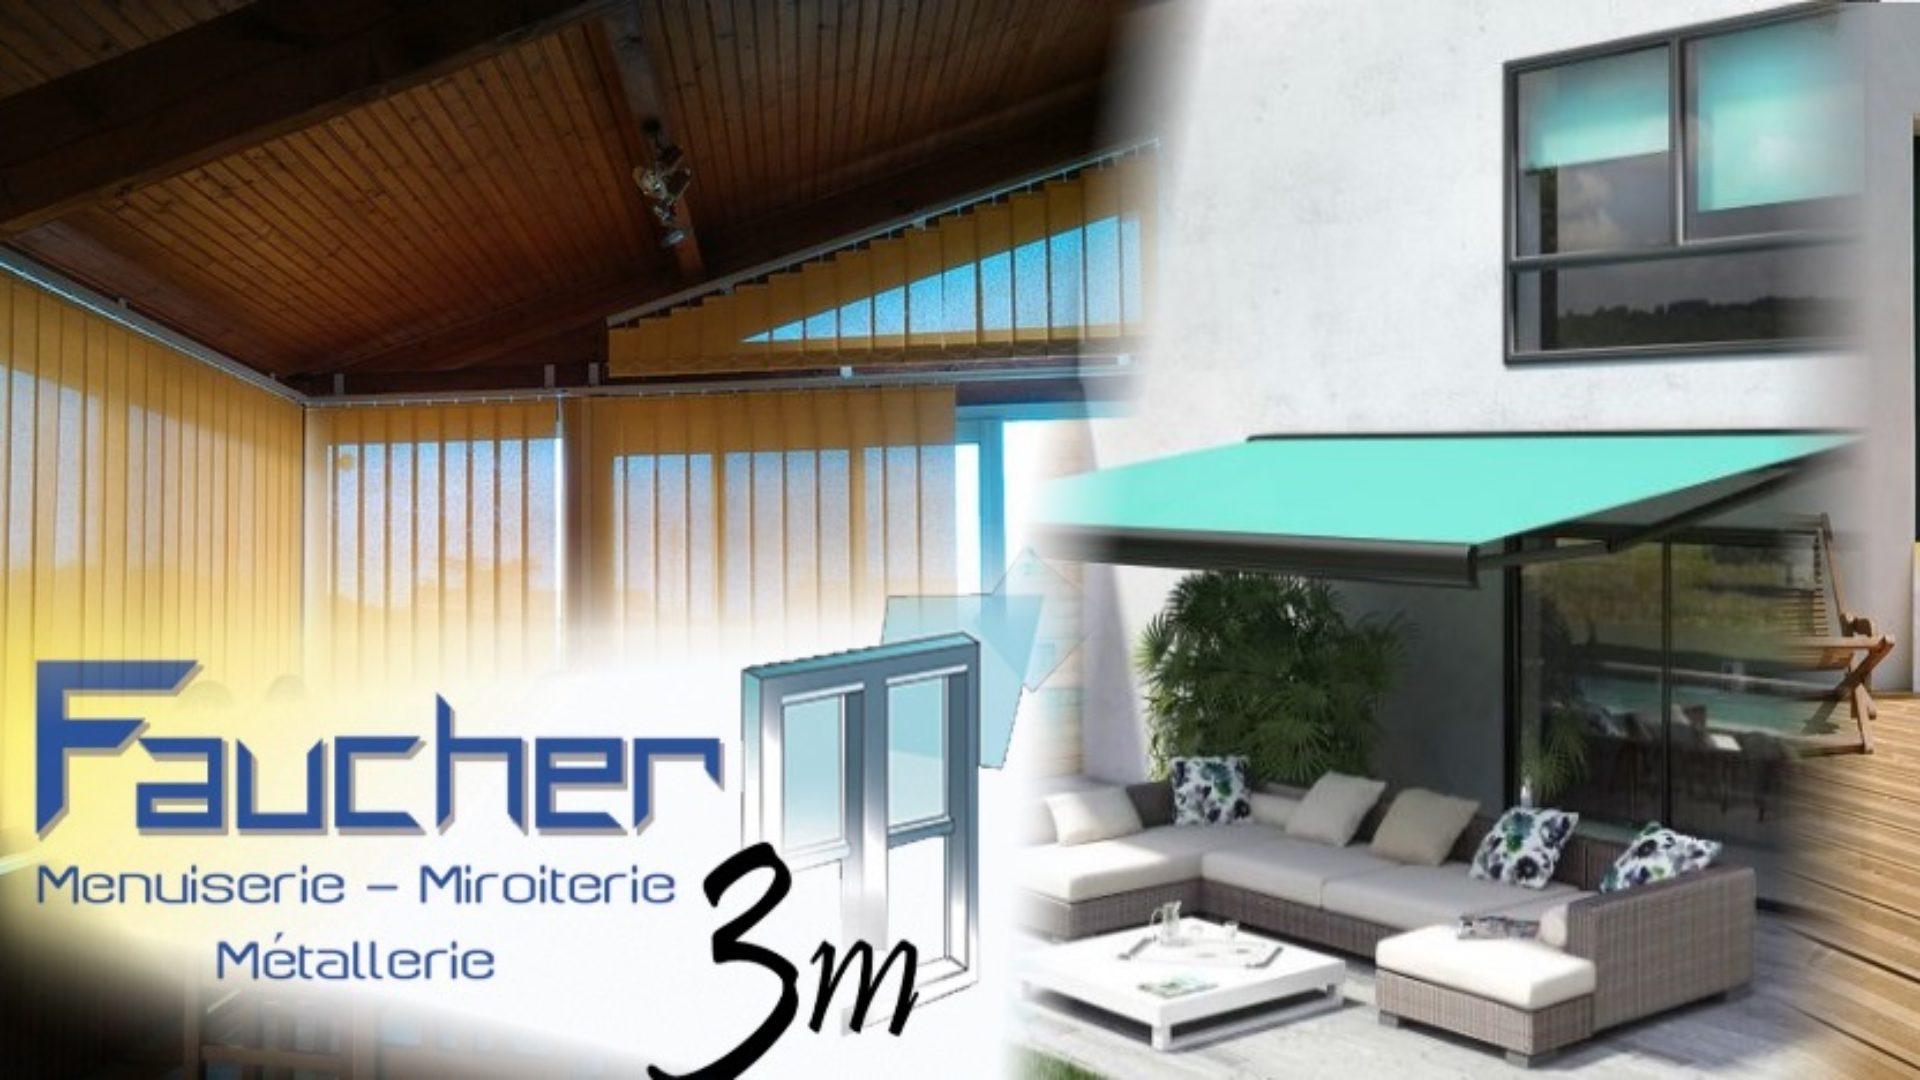 SERRURIER DEPANNAGE 79 - FAUCHER 3M